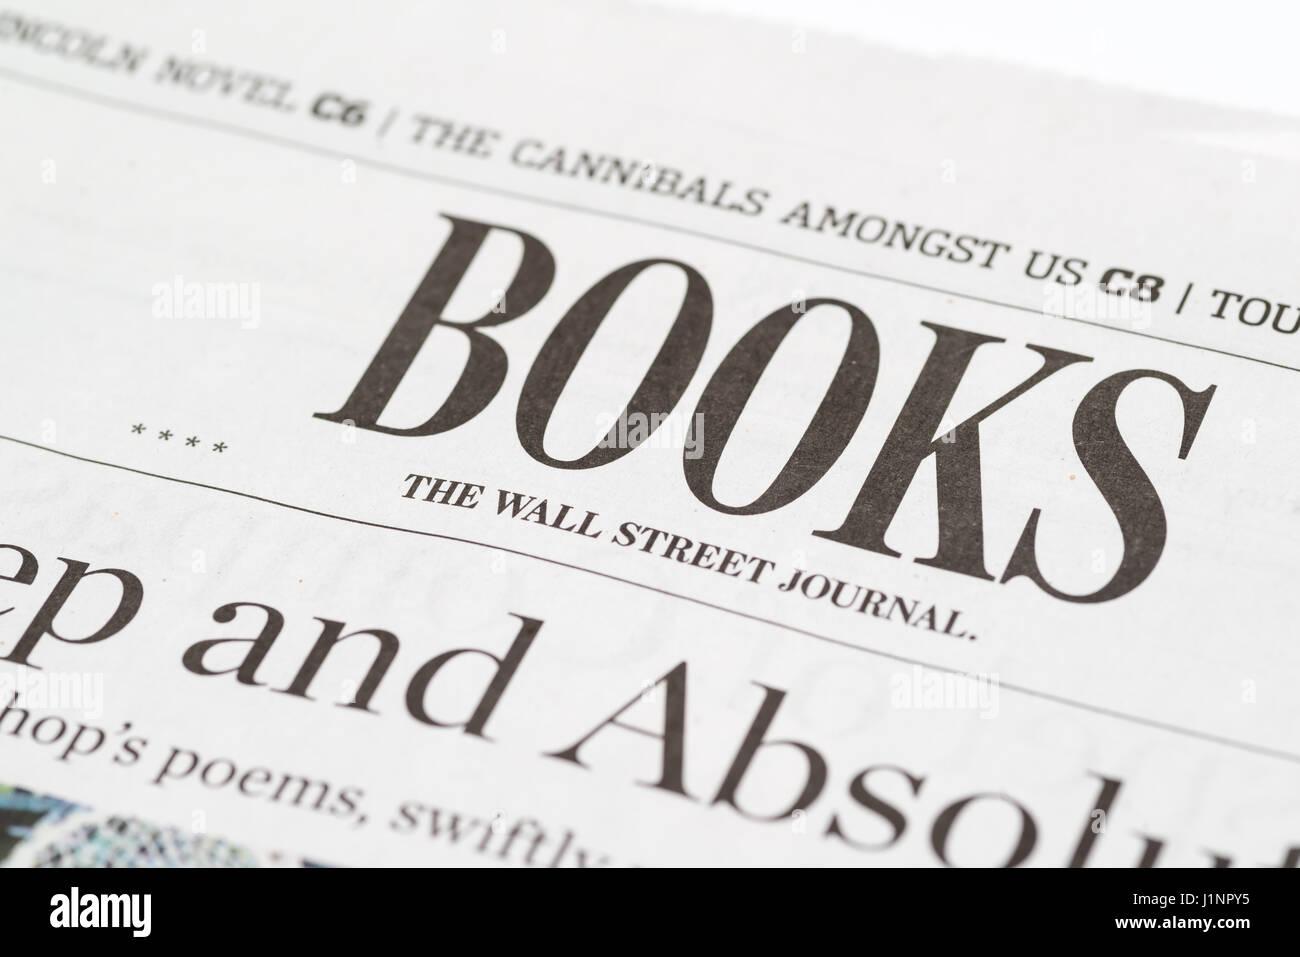 black wall street book pdf